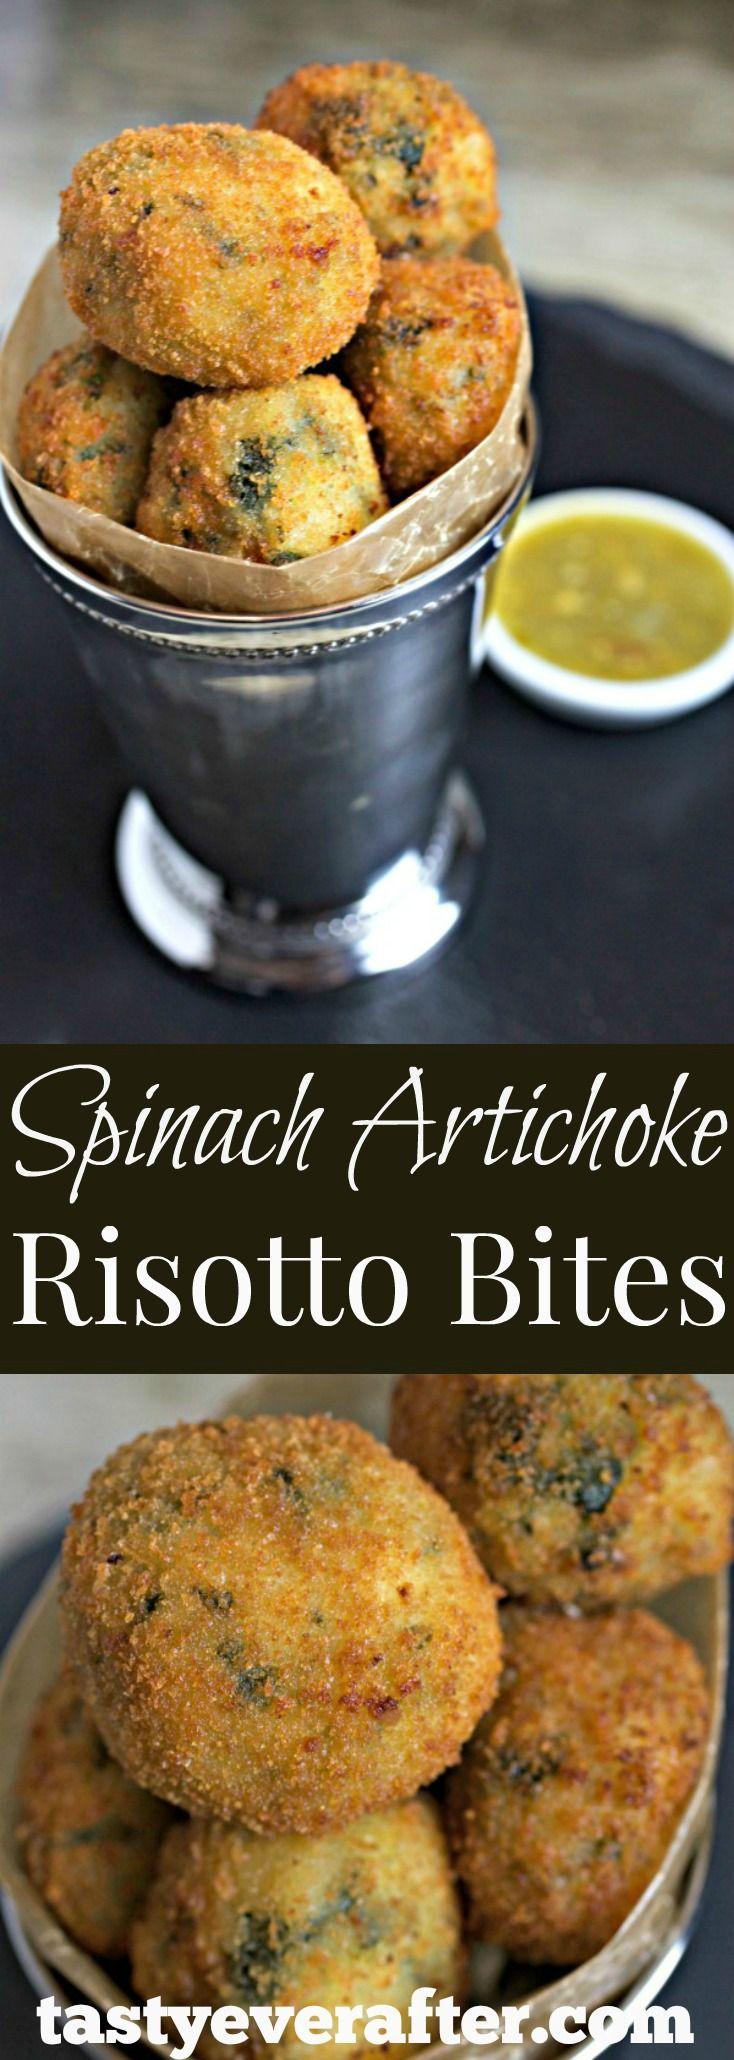 Got leftover risotto?  Make crispy risotto bites!  Recipe for cheesy Spinach Artichoke Risotto included.